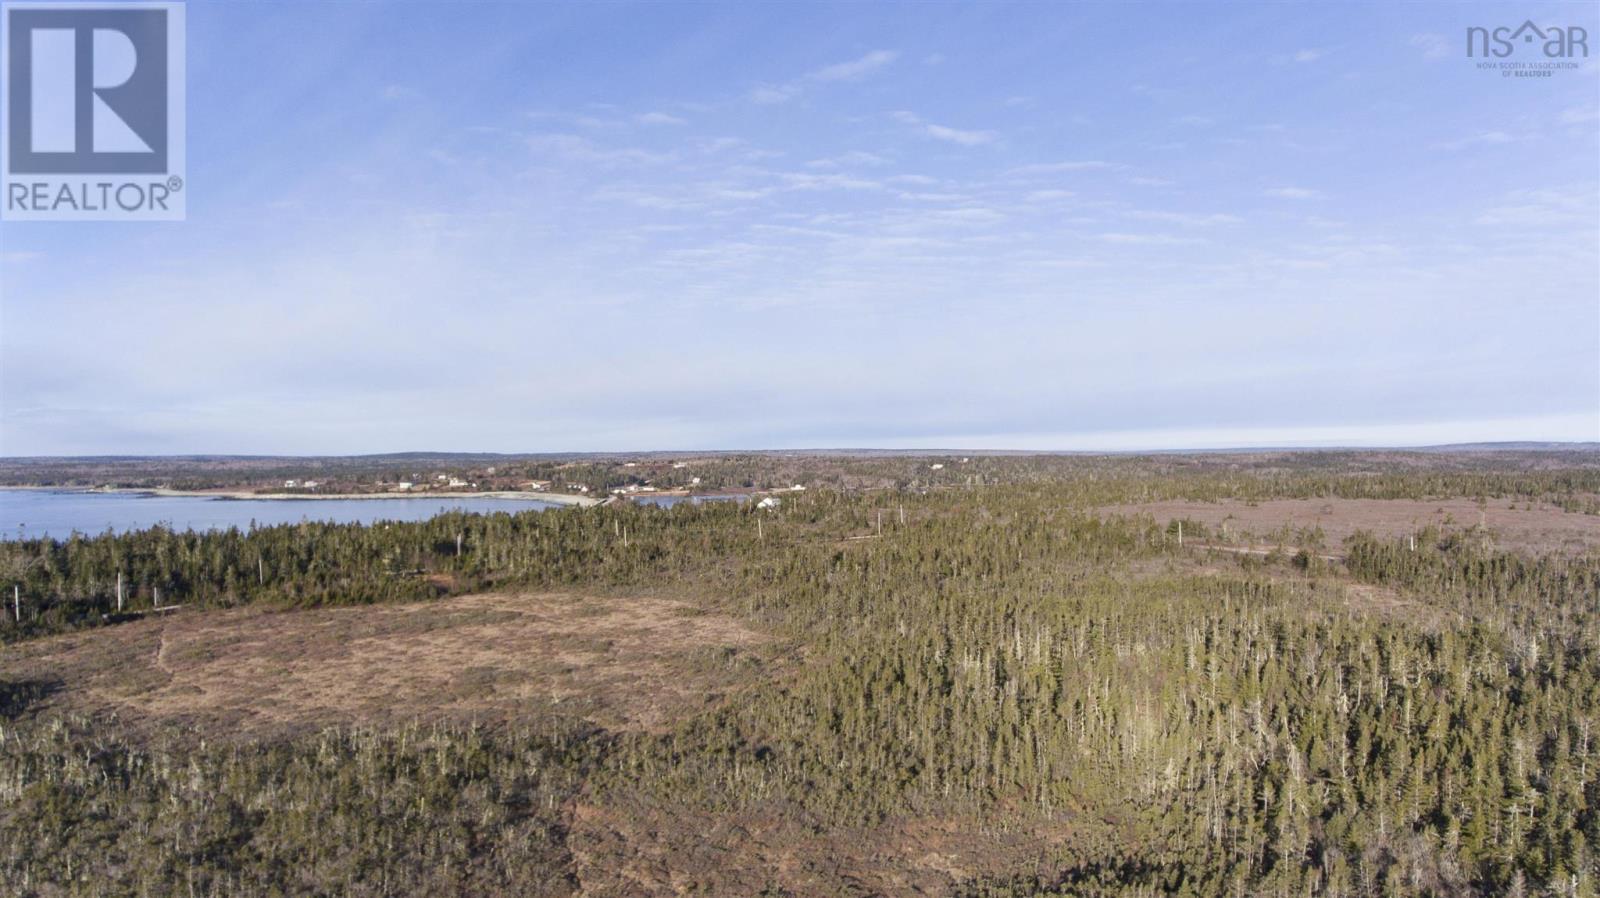 Lot 4-9 Pierce Point Road, Western Head, Nova Scotia  B0T 1G0 - Photo 1 - 202123567